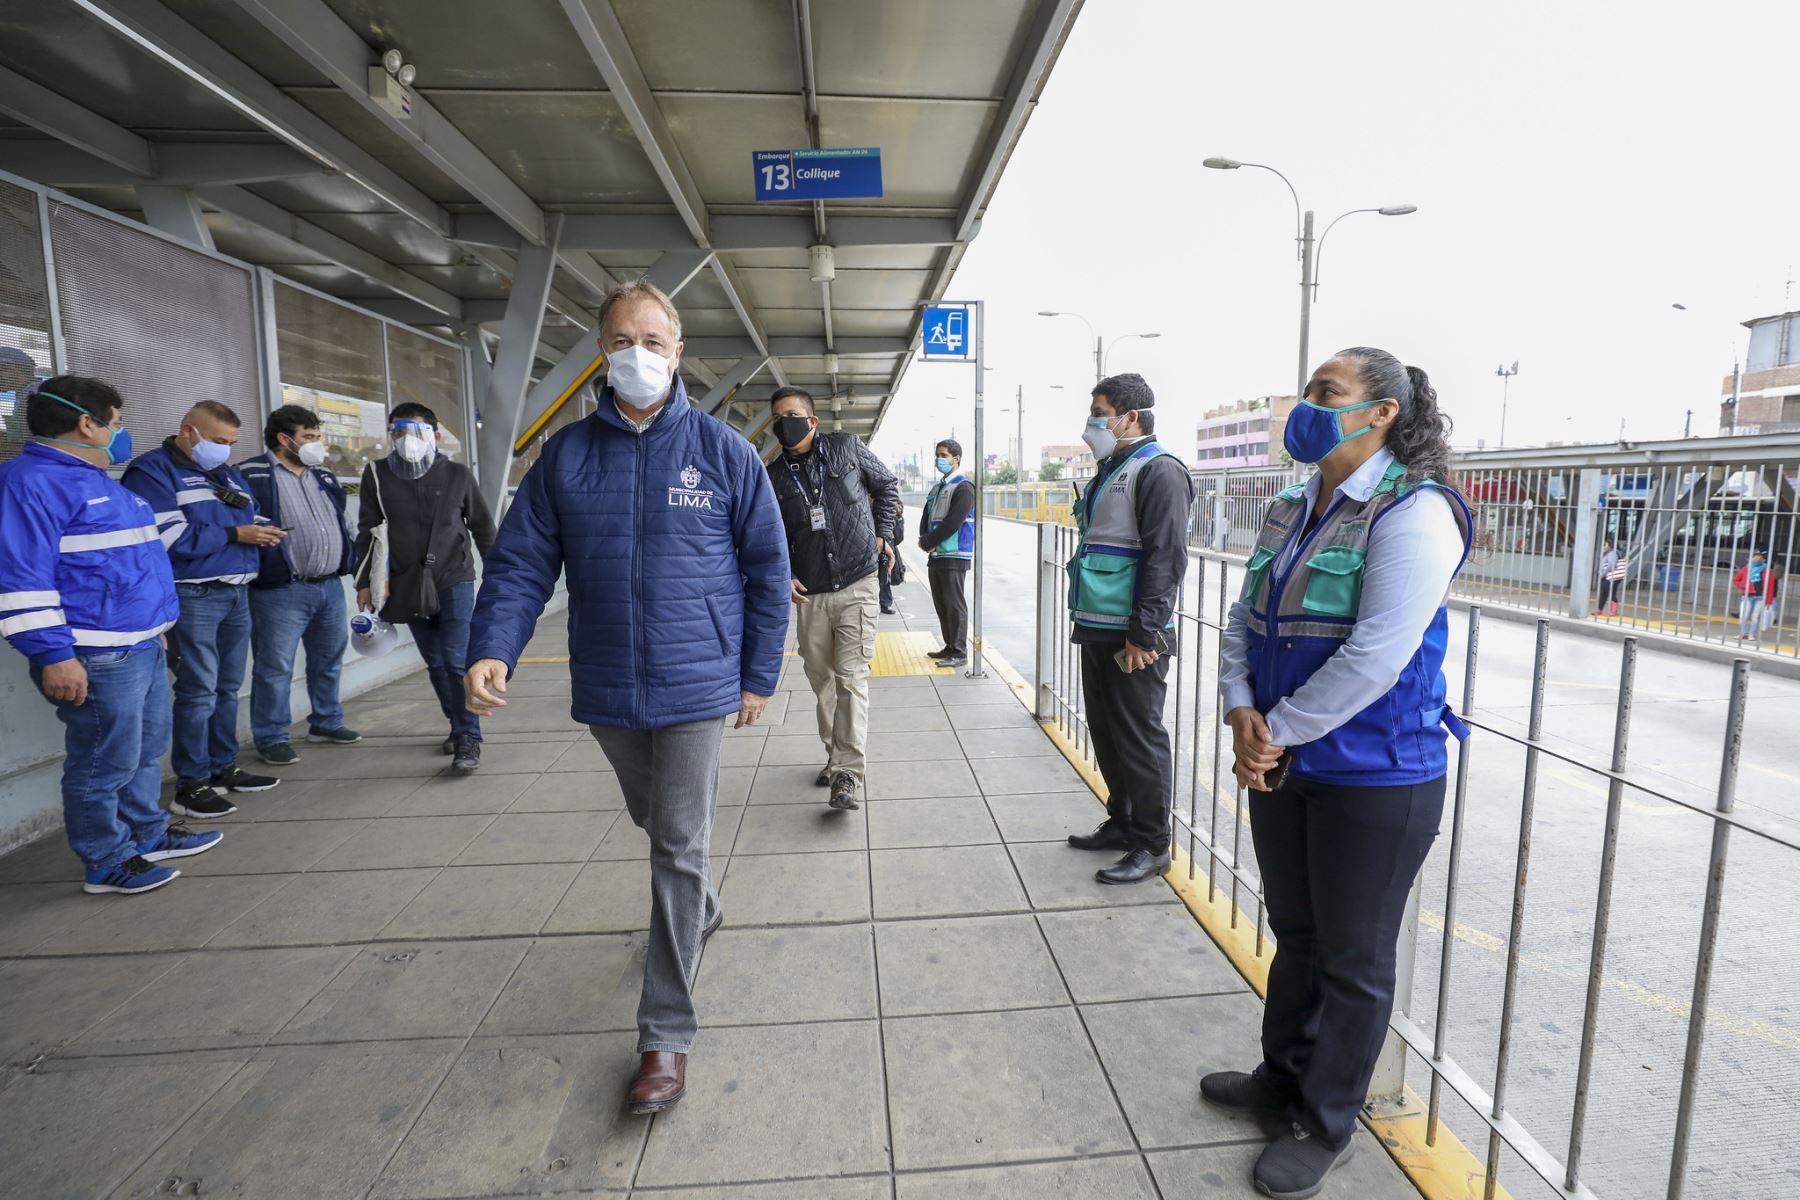 El alcalde de Lima, Jorge Muñoz, llegó esta mañana a la Estación Naranjal del Metropolitano para supervisar el correcto funcionamiento durante primer día tras levantarse la cuarentena en la capital. Foto: ANDINA/Municipalidad de Lima